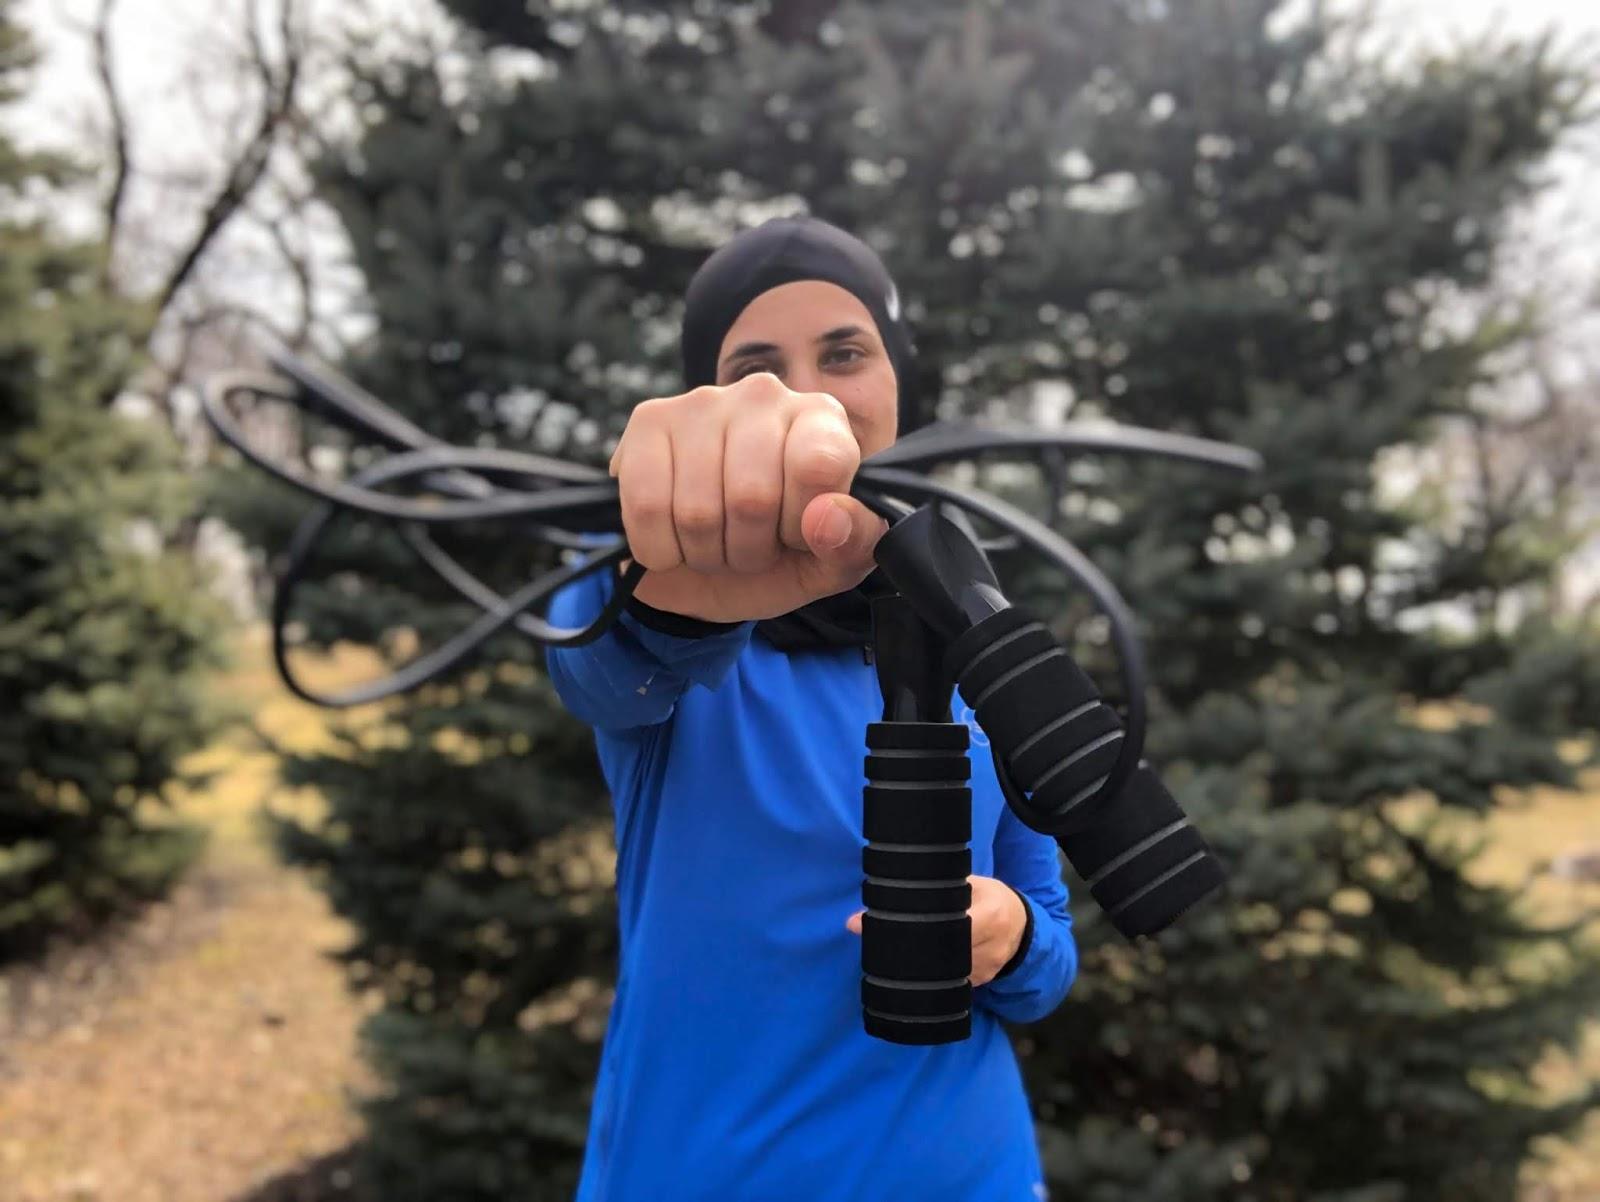 Runner holding jump rope